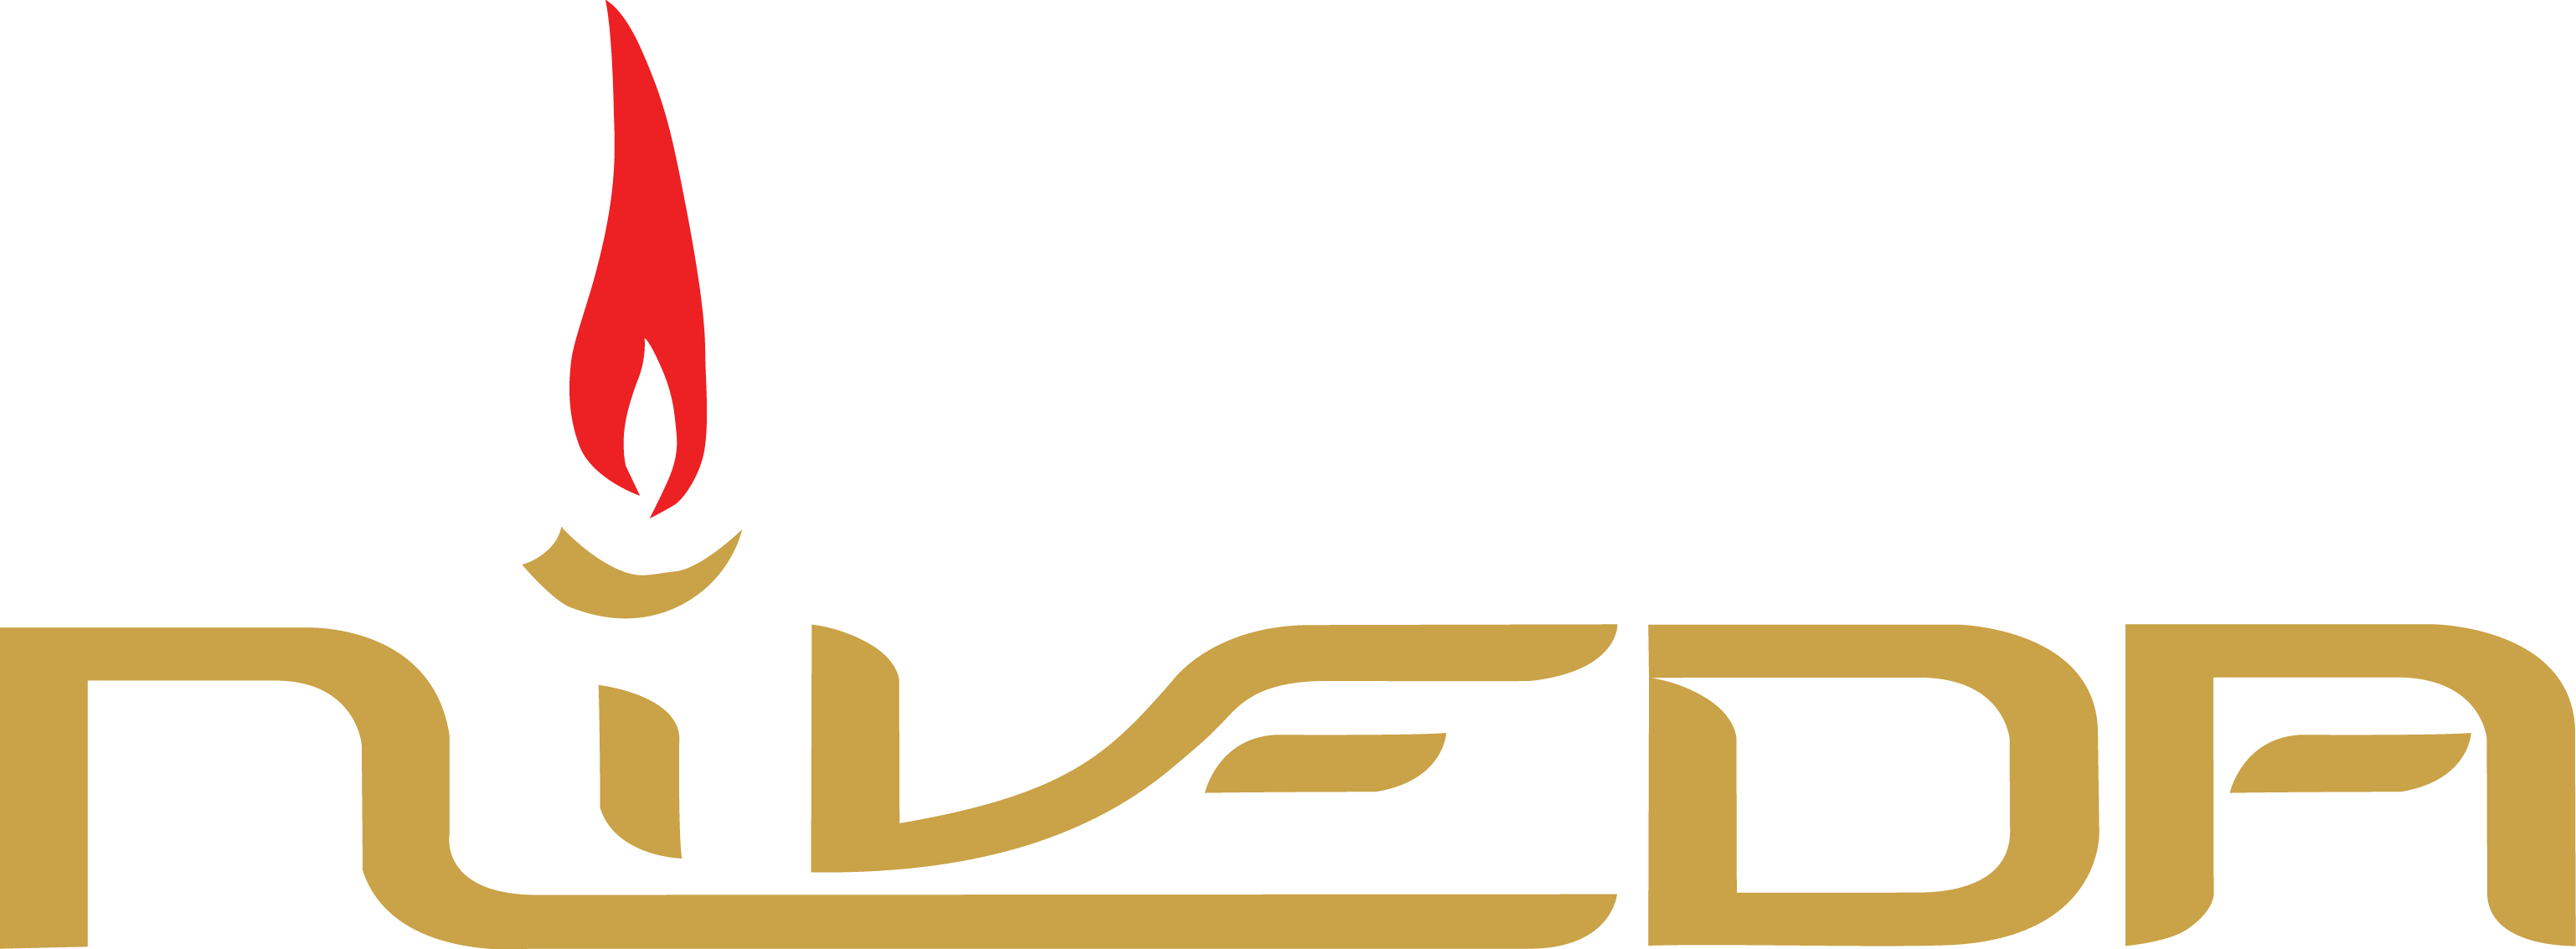 Niveda Group Ltd